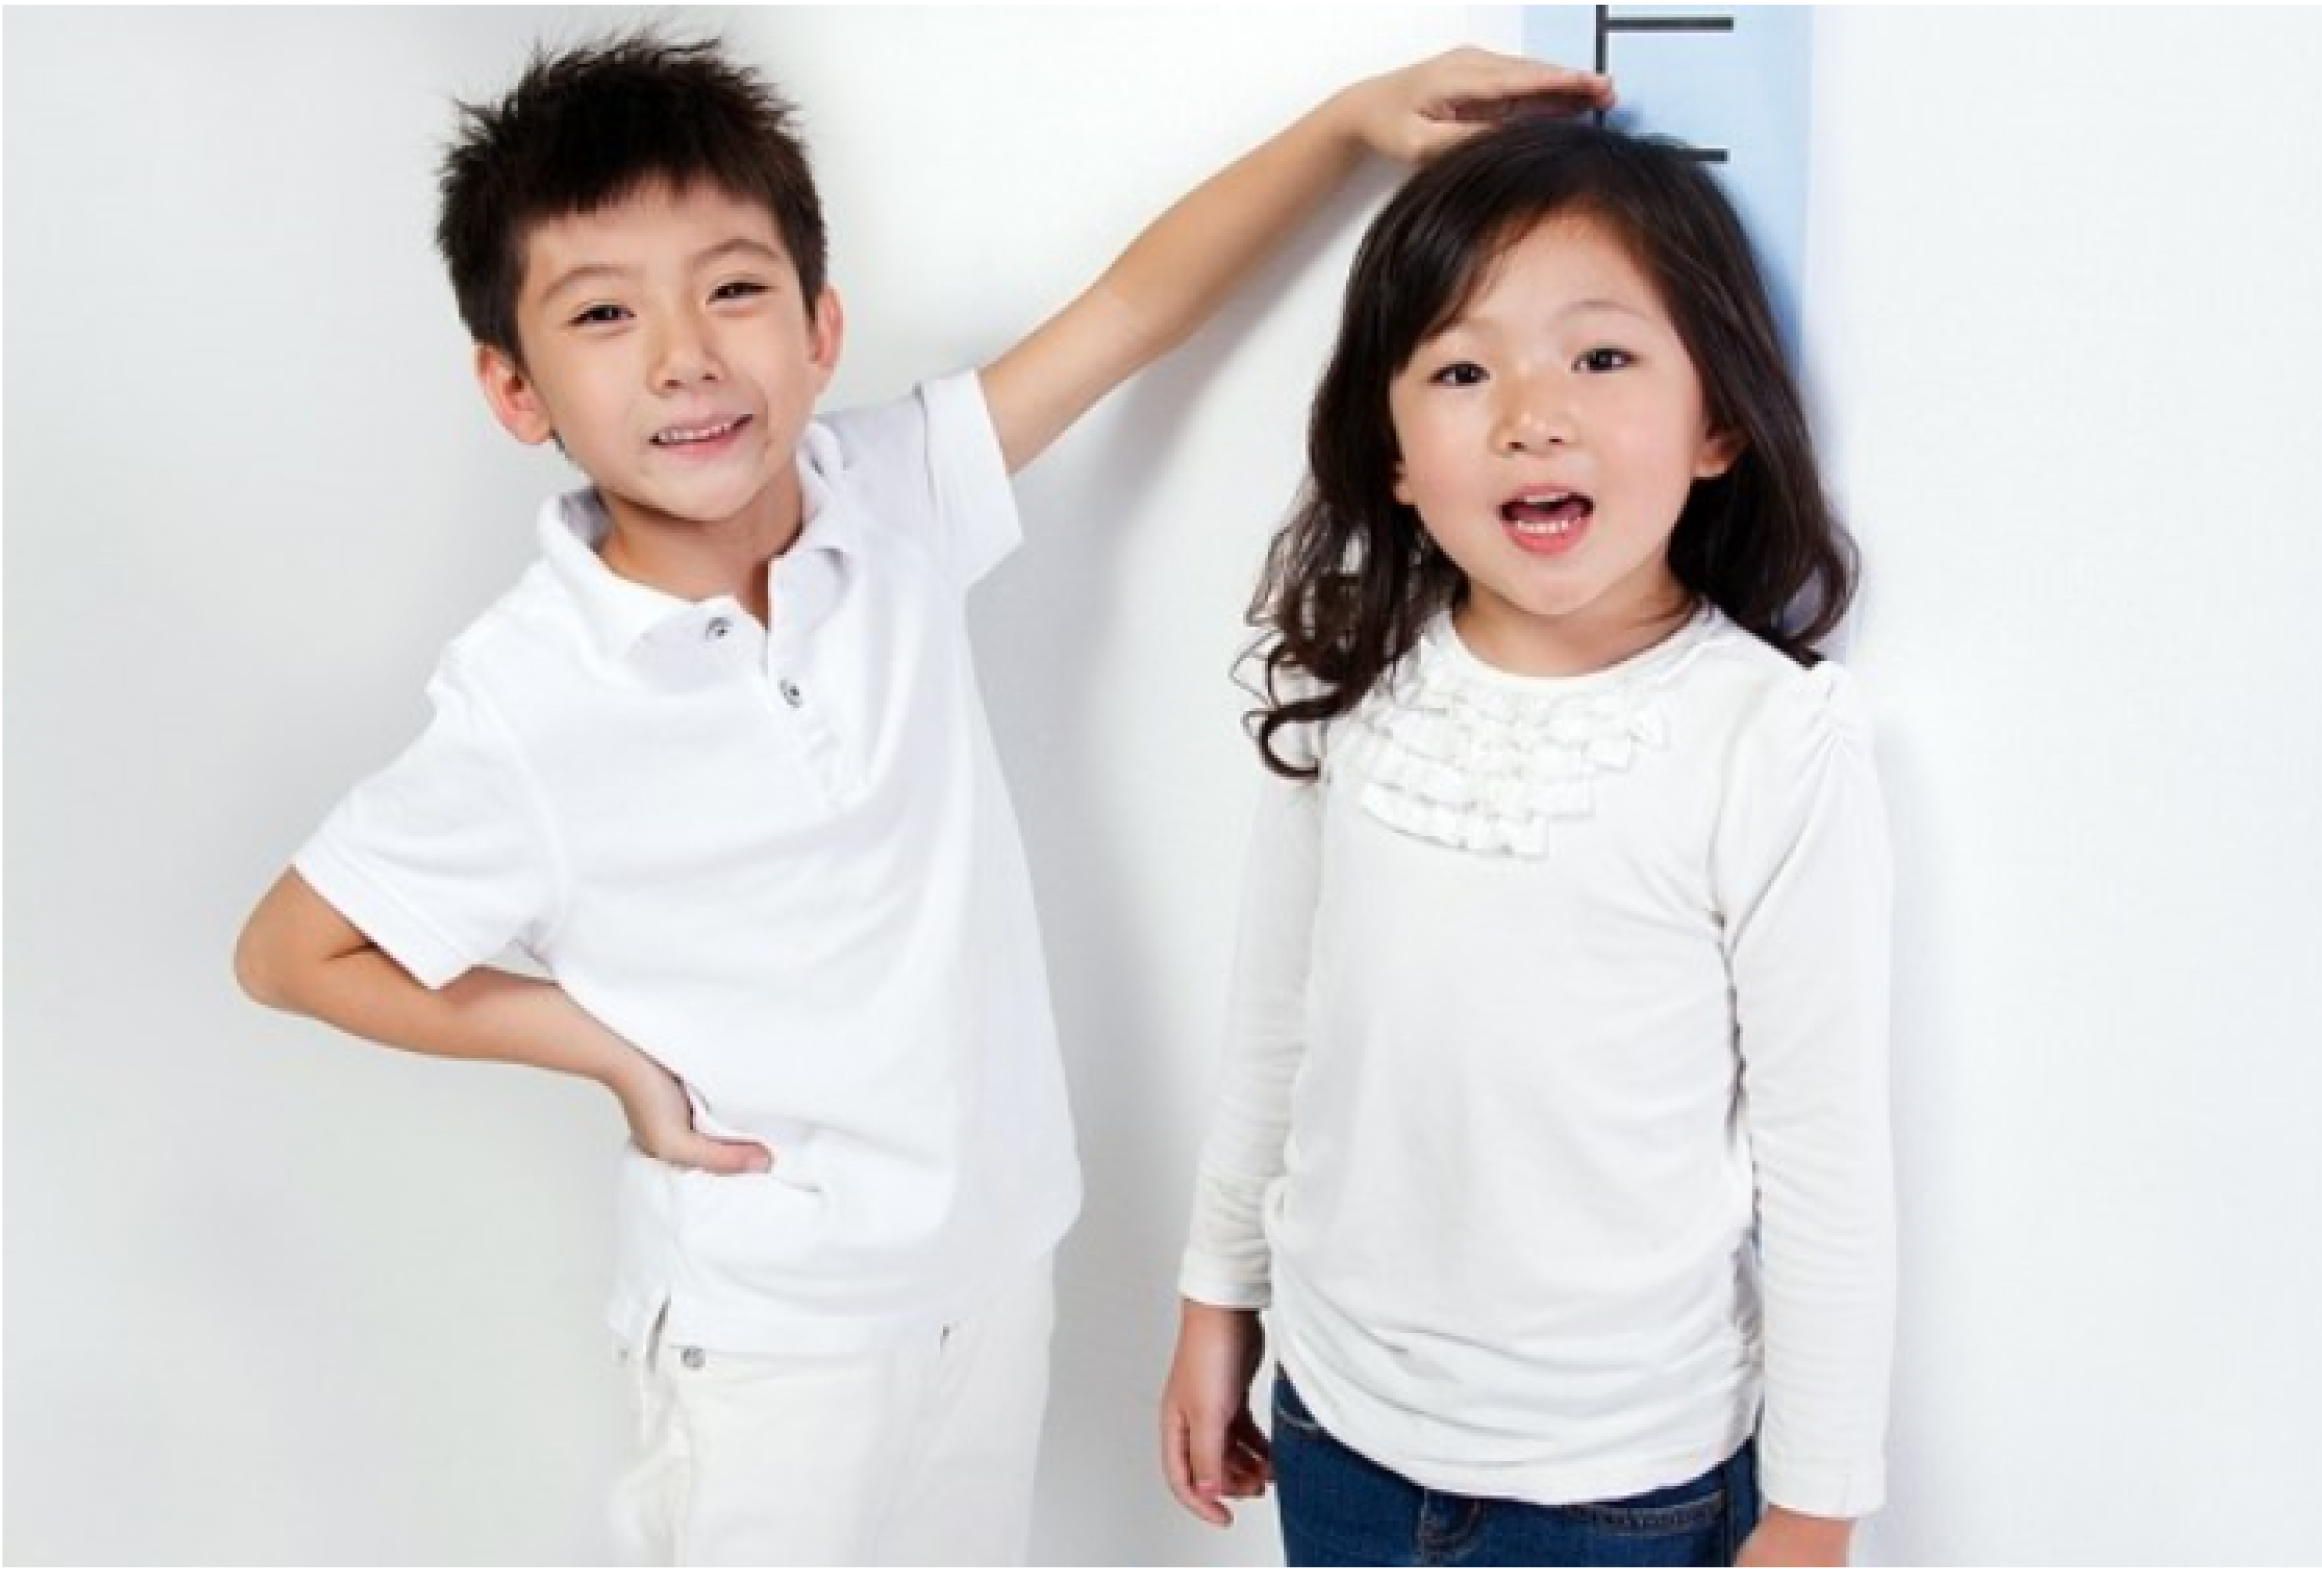 Đứa trẻ có những đặc điểm này, tương lai dễ thấp lùn, khó phát triển chiều cao